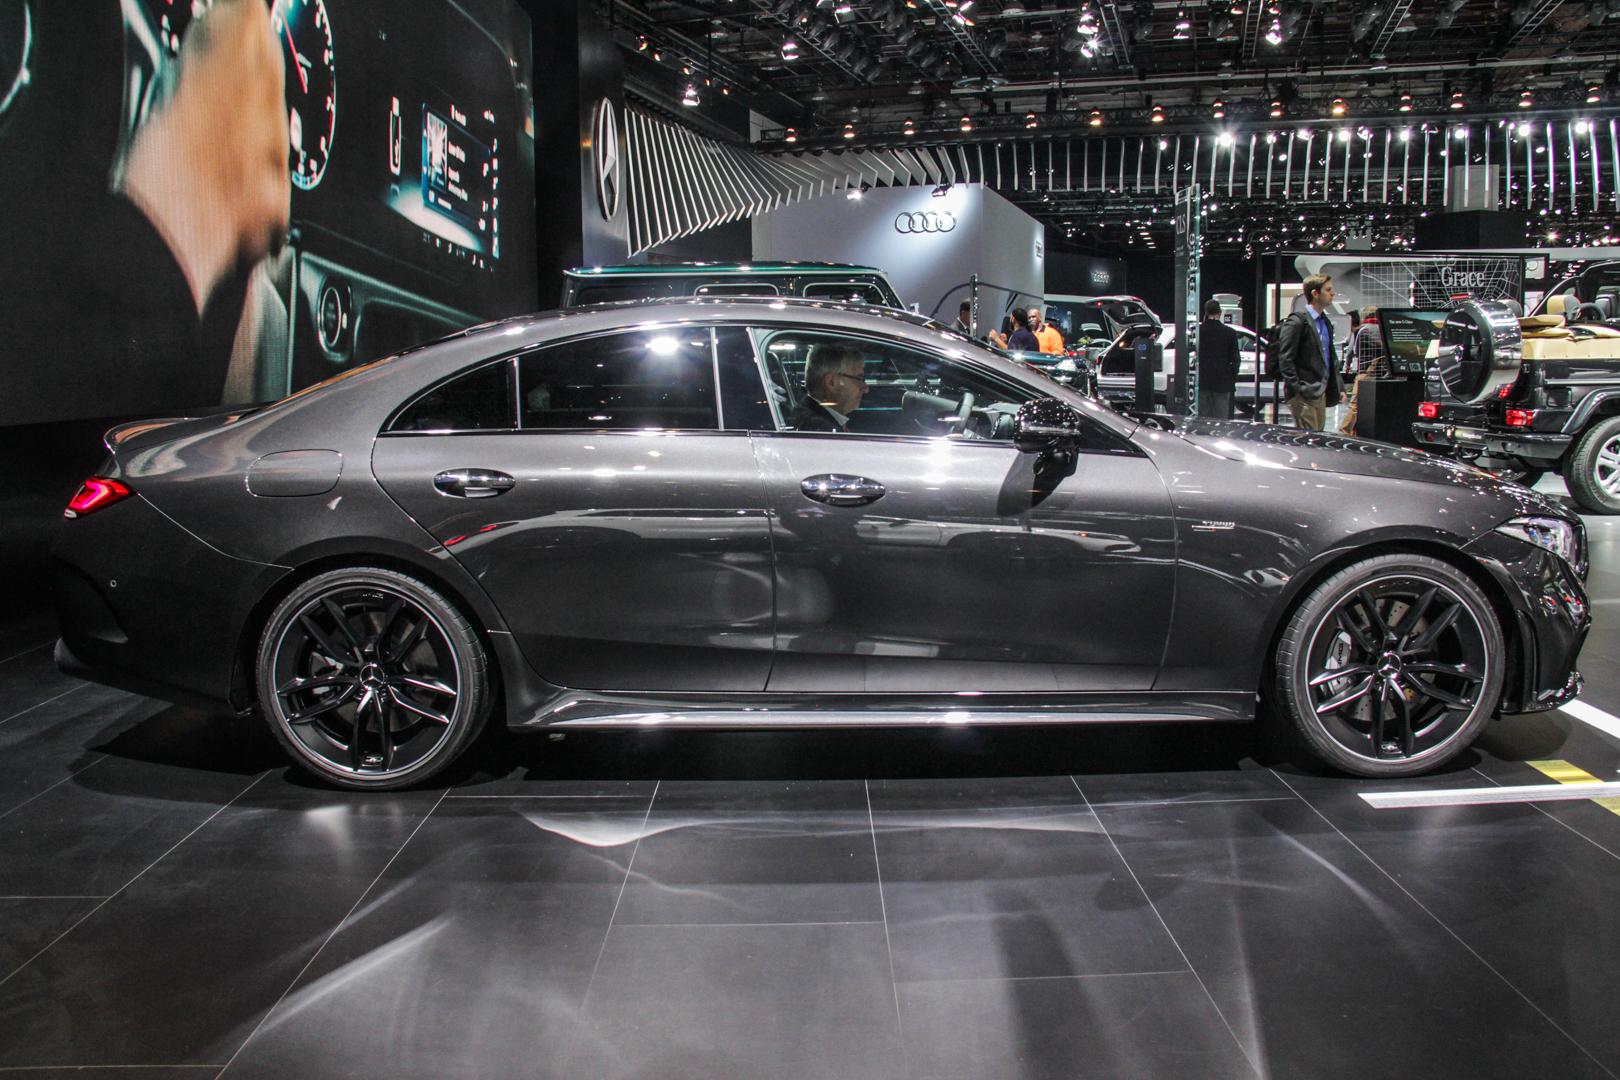 2018 Detroit Auto Show Mercedes Amg Cls53